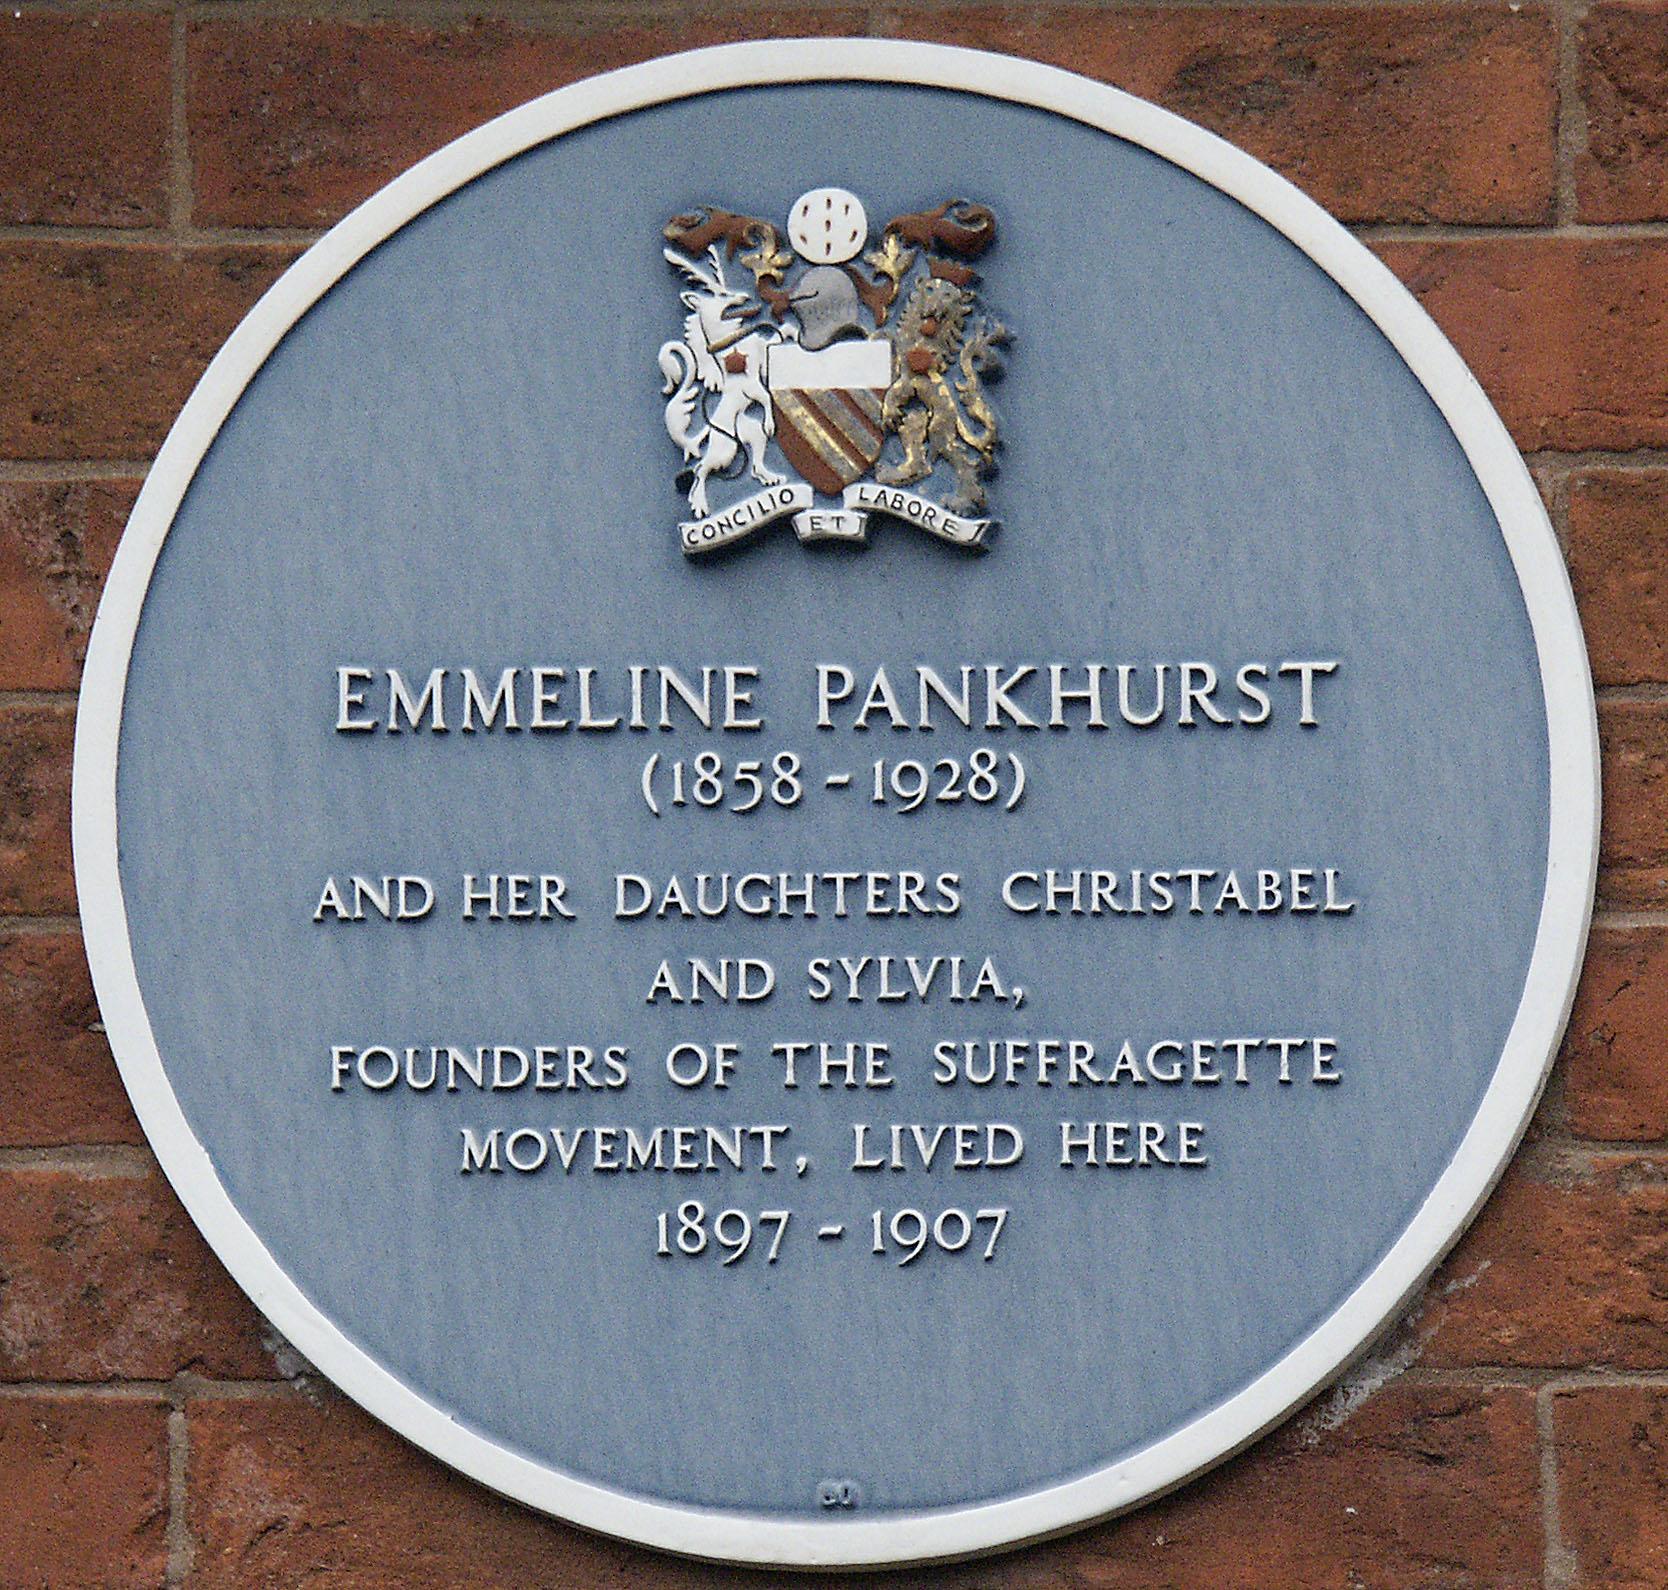 The Emily Pankhurst Centre, Grafton Street, Manchester